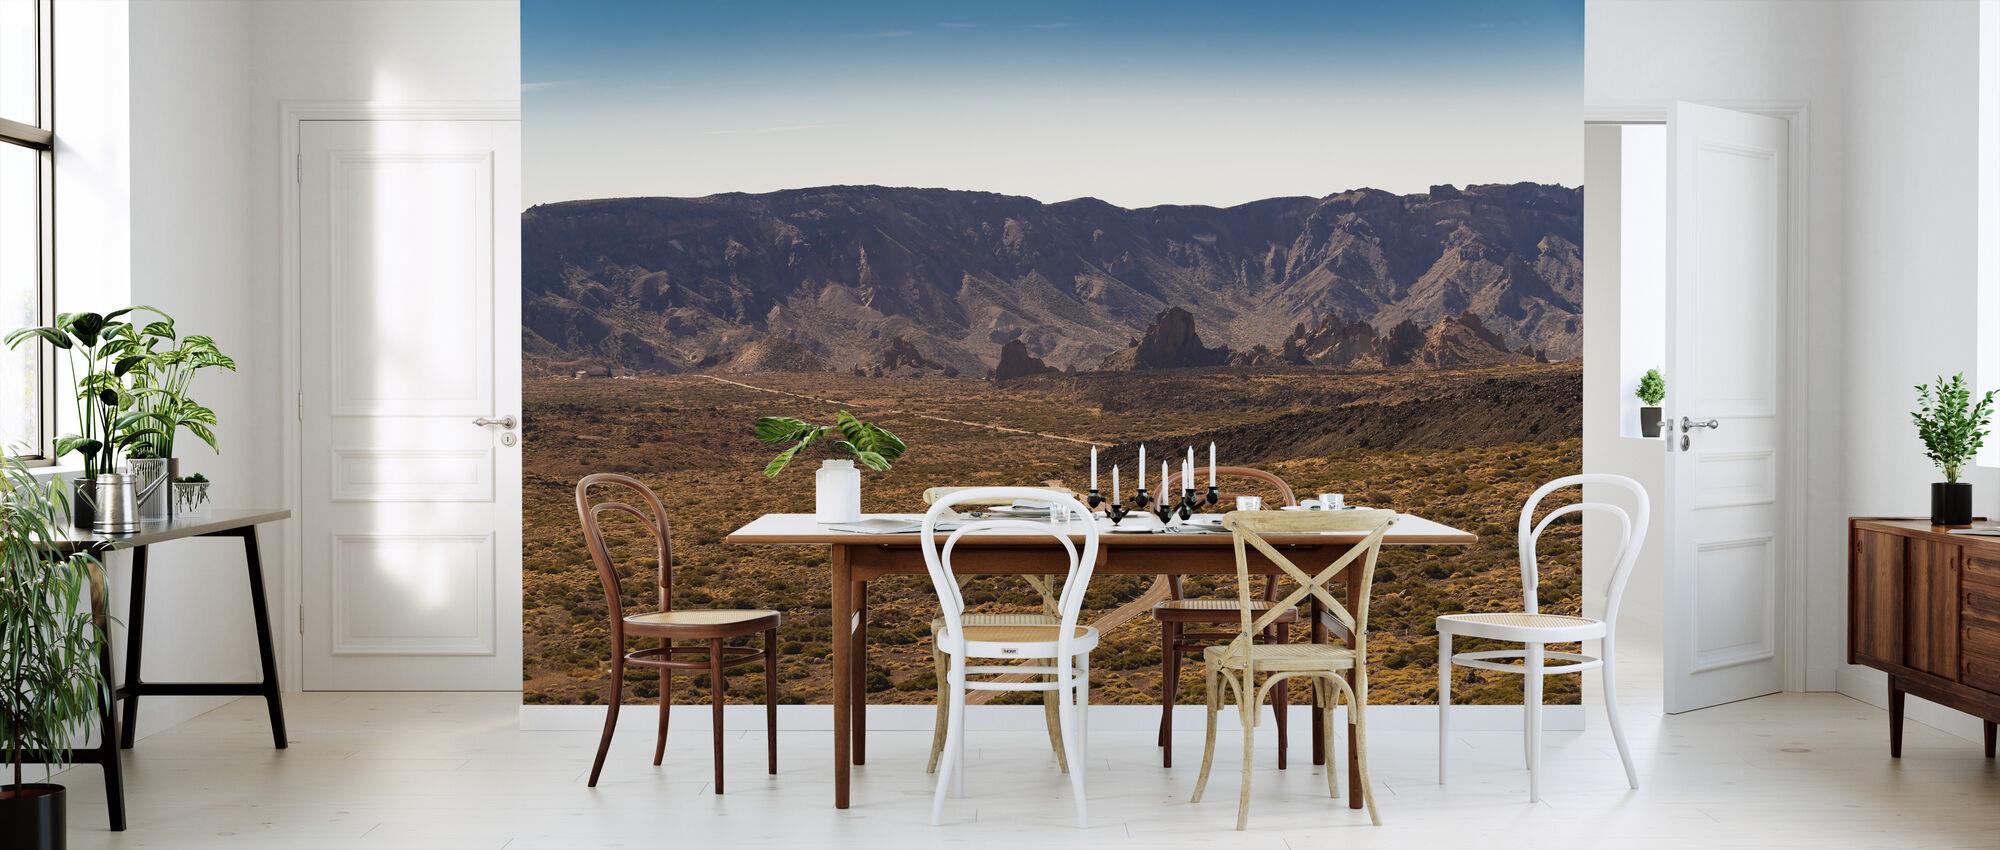 Utsikt over Teide nasjonalpark - Tapet - Kjøkken